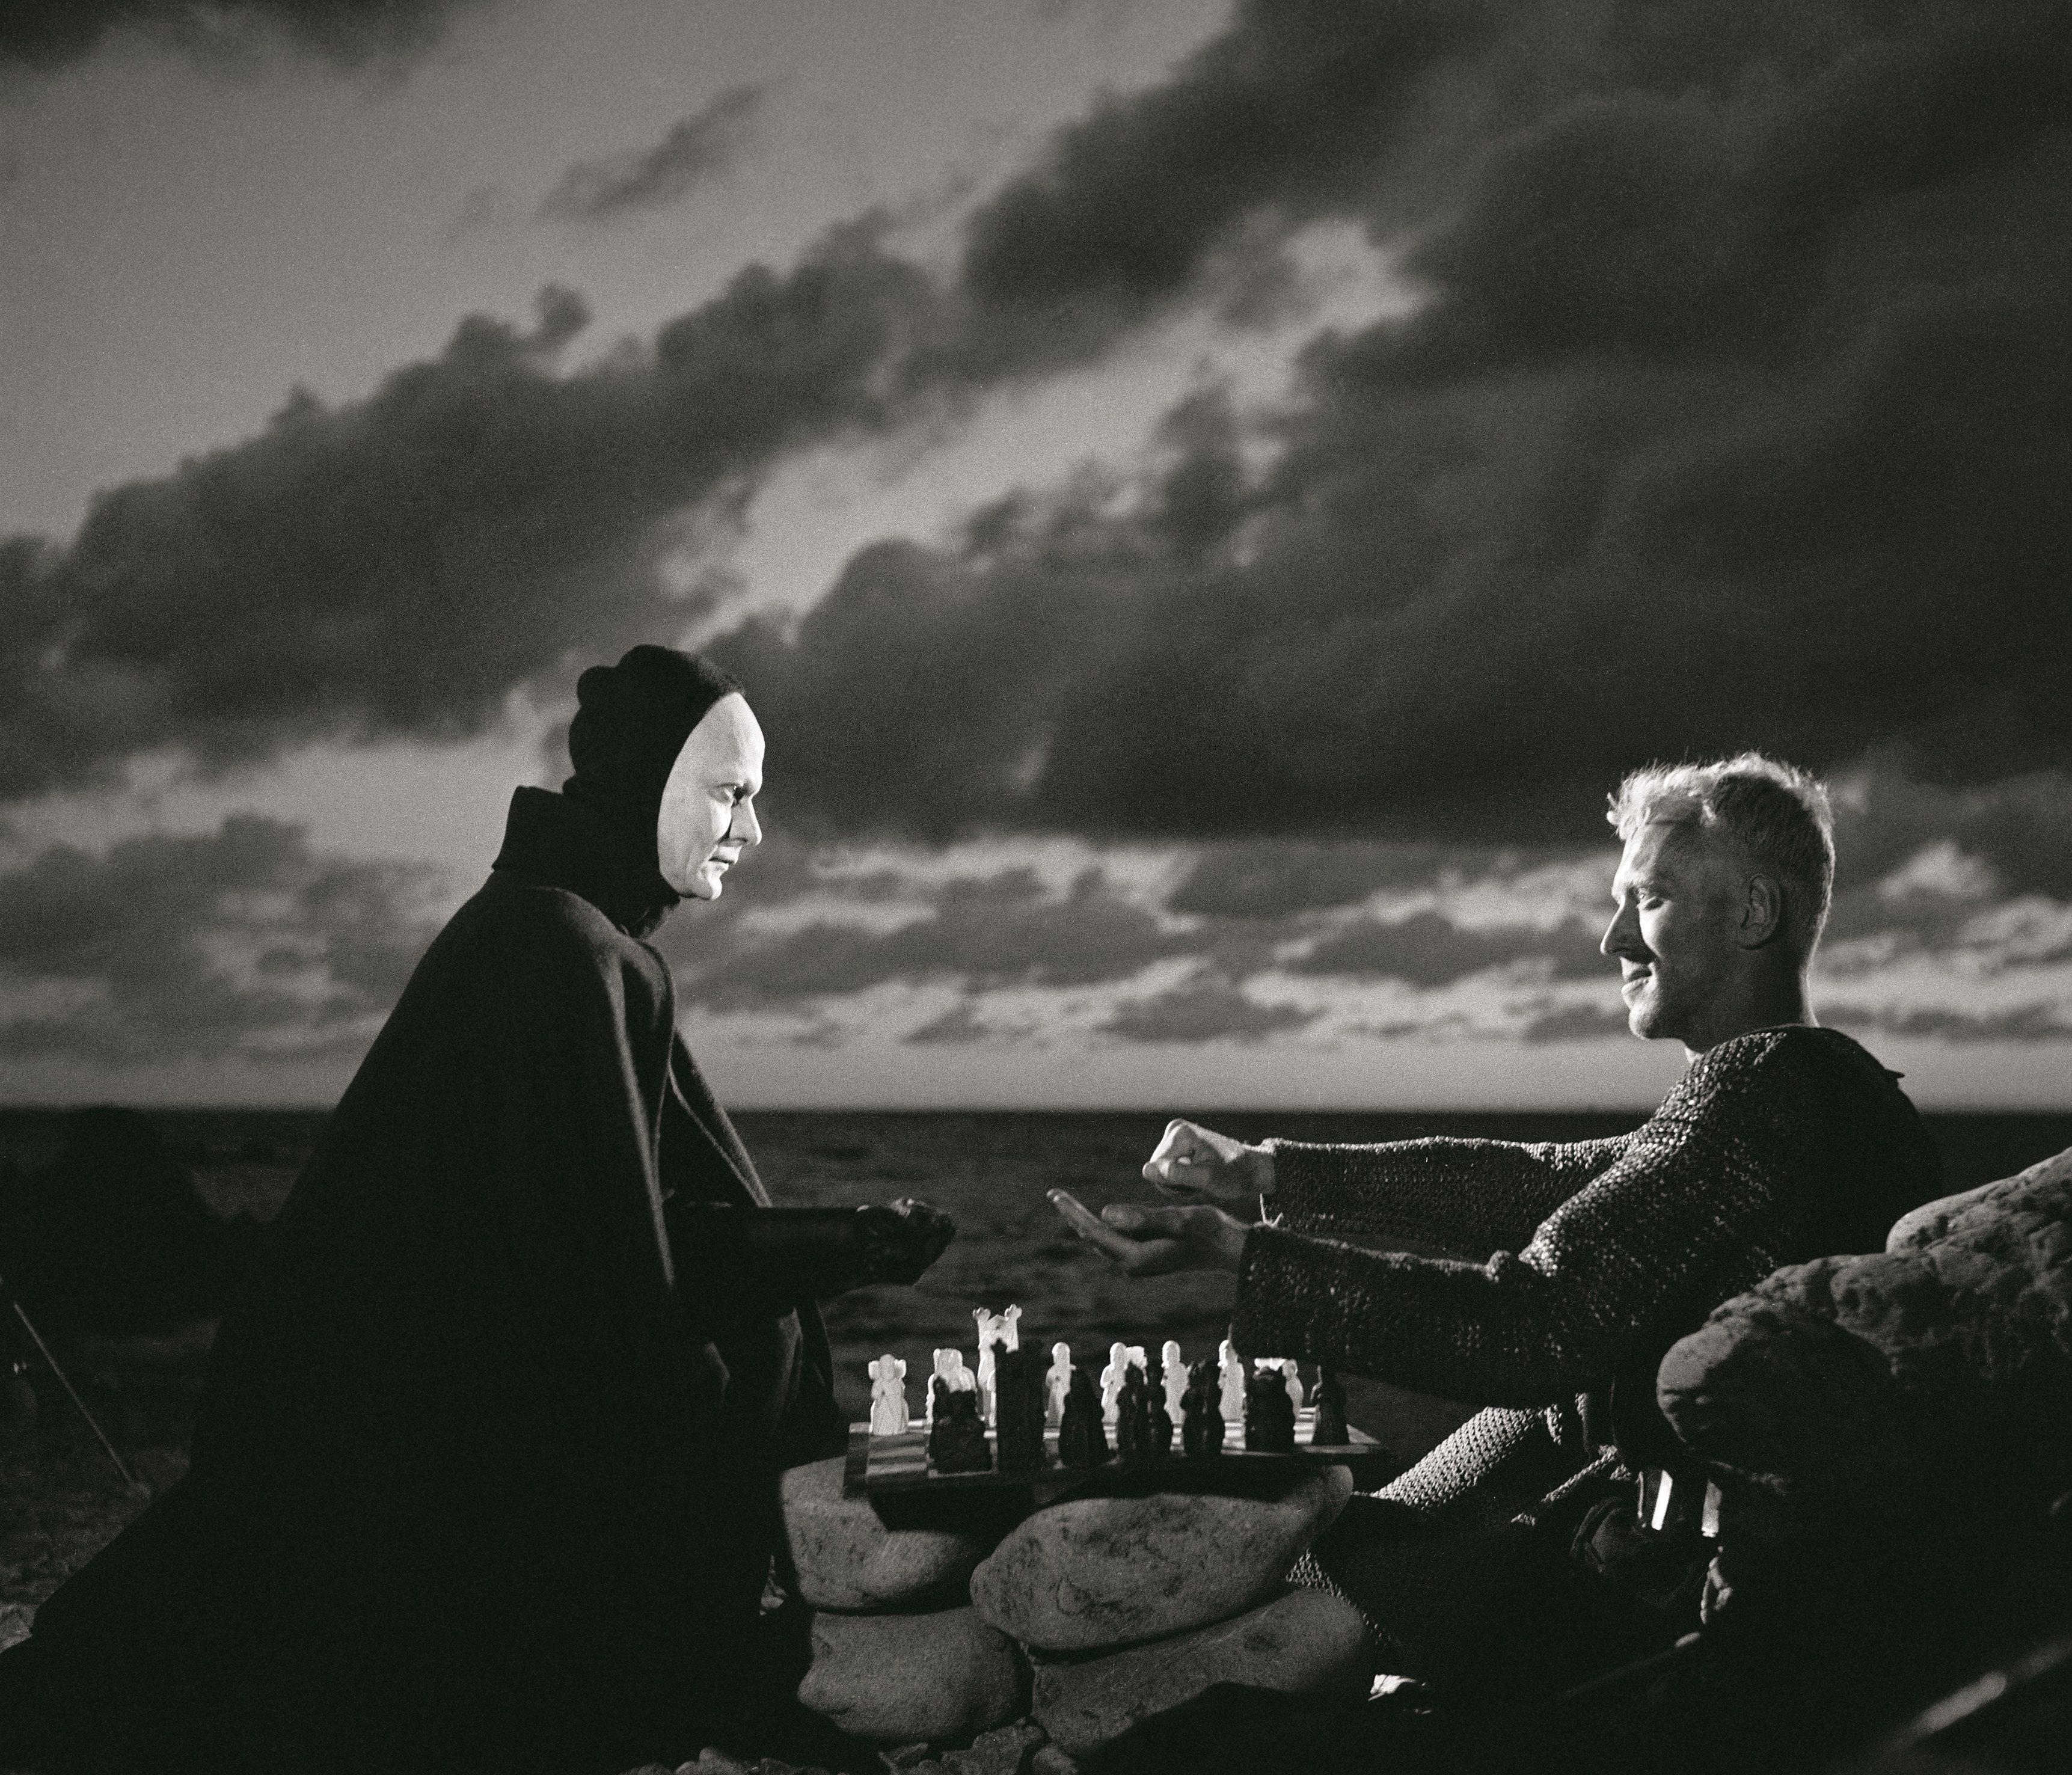 Månadens regionala Bergman-film: Det sjunde inseglet - Hanaholmen